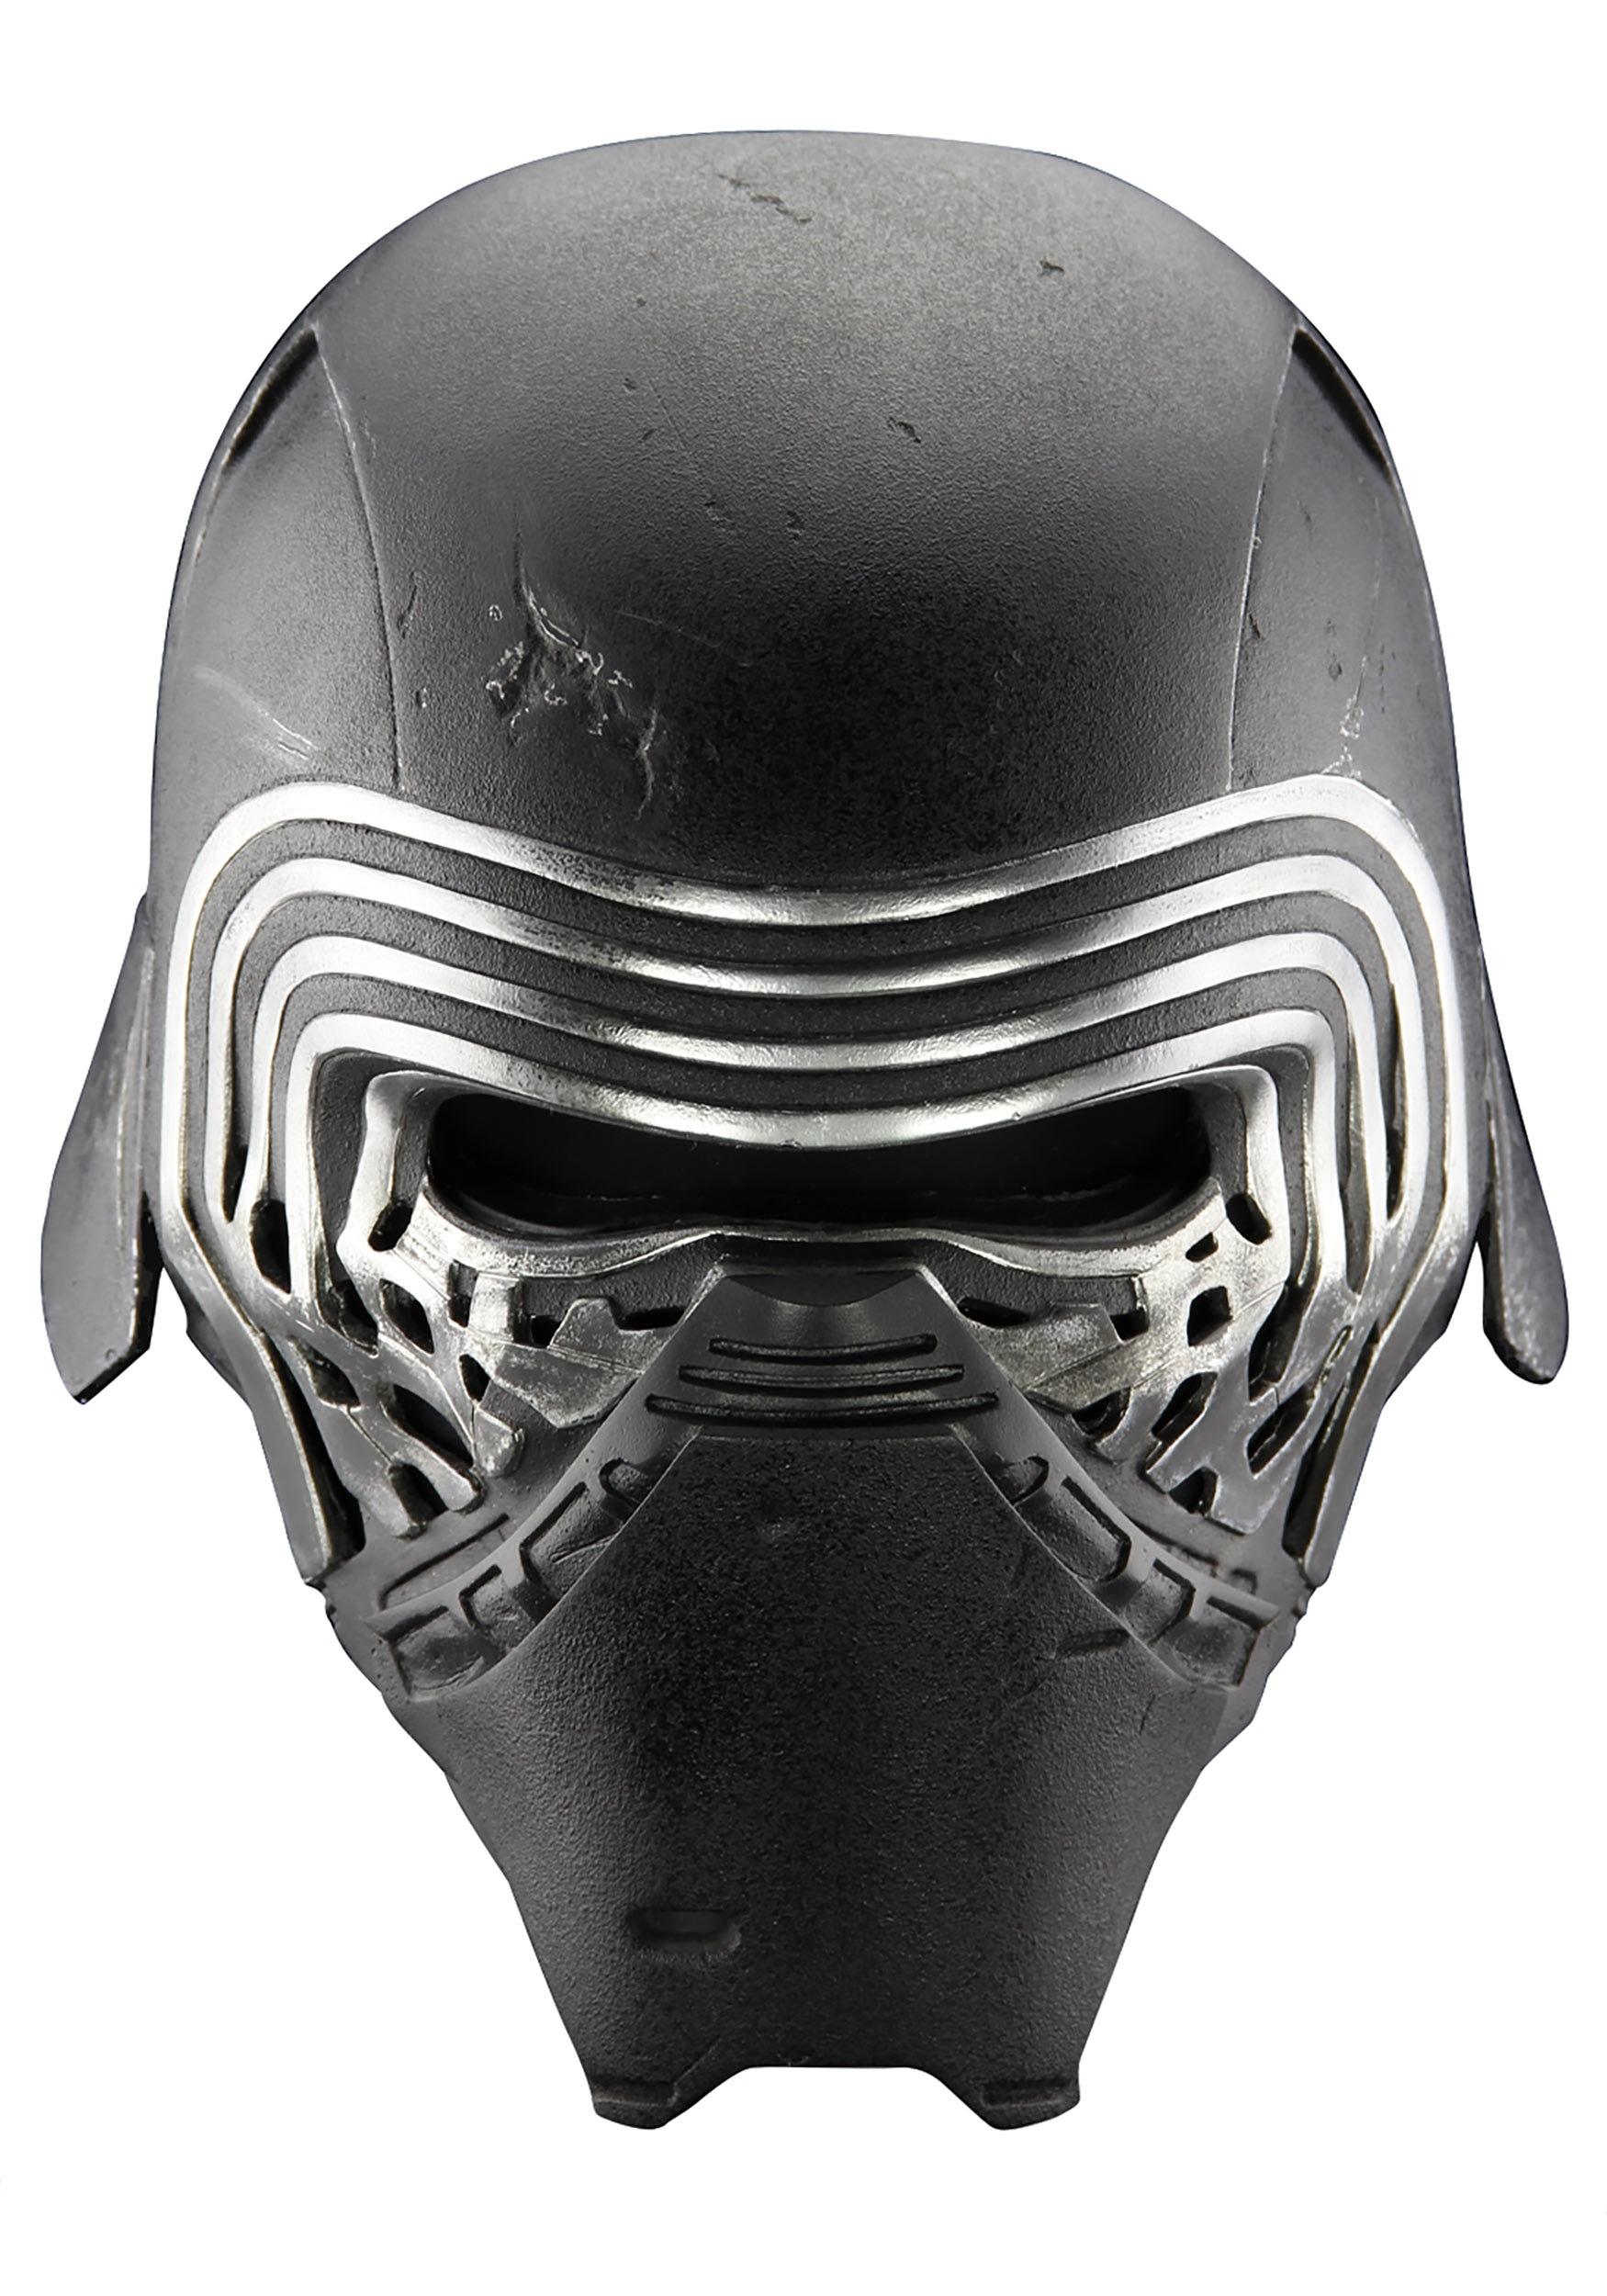 Halloween decorations indoor - Star Wars The Force Awakens Premier Kylo Ren Helmet